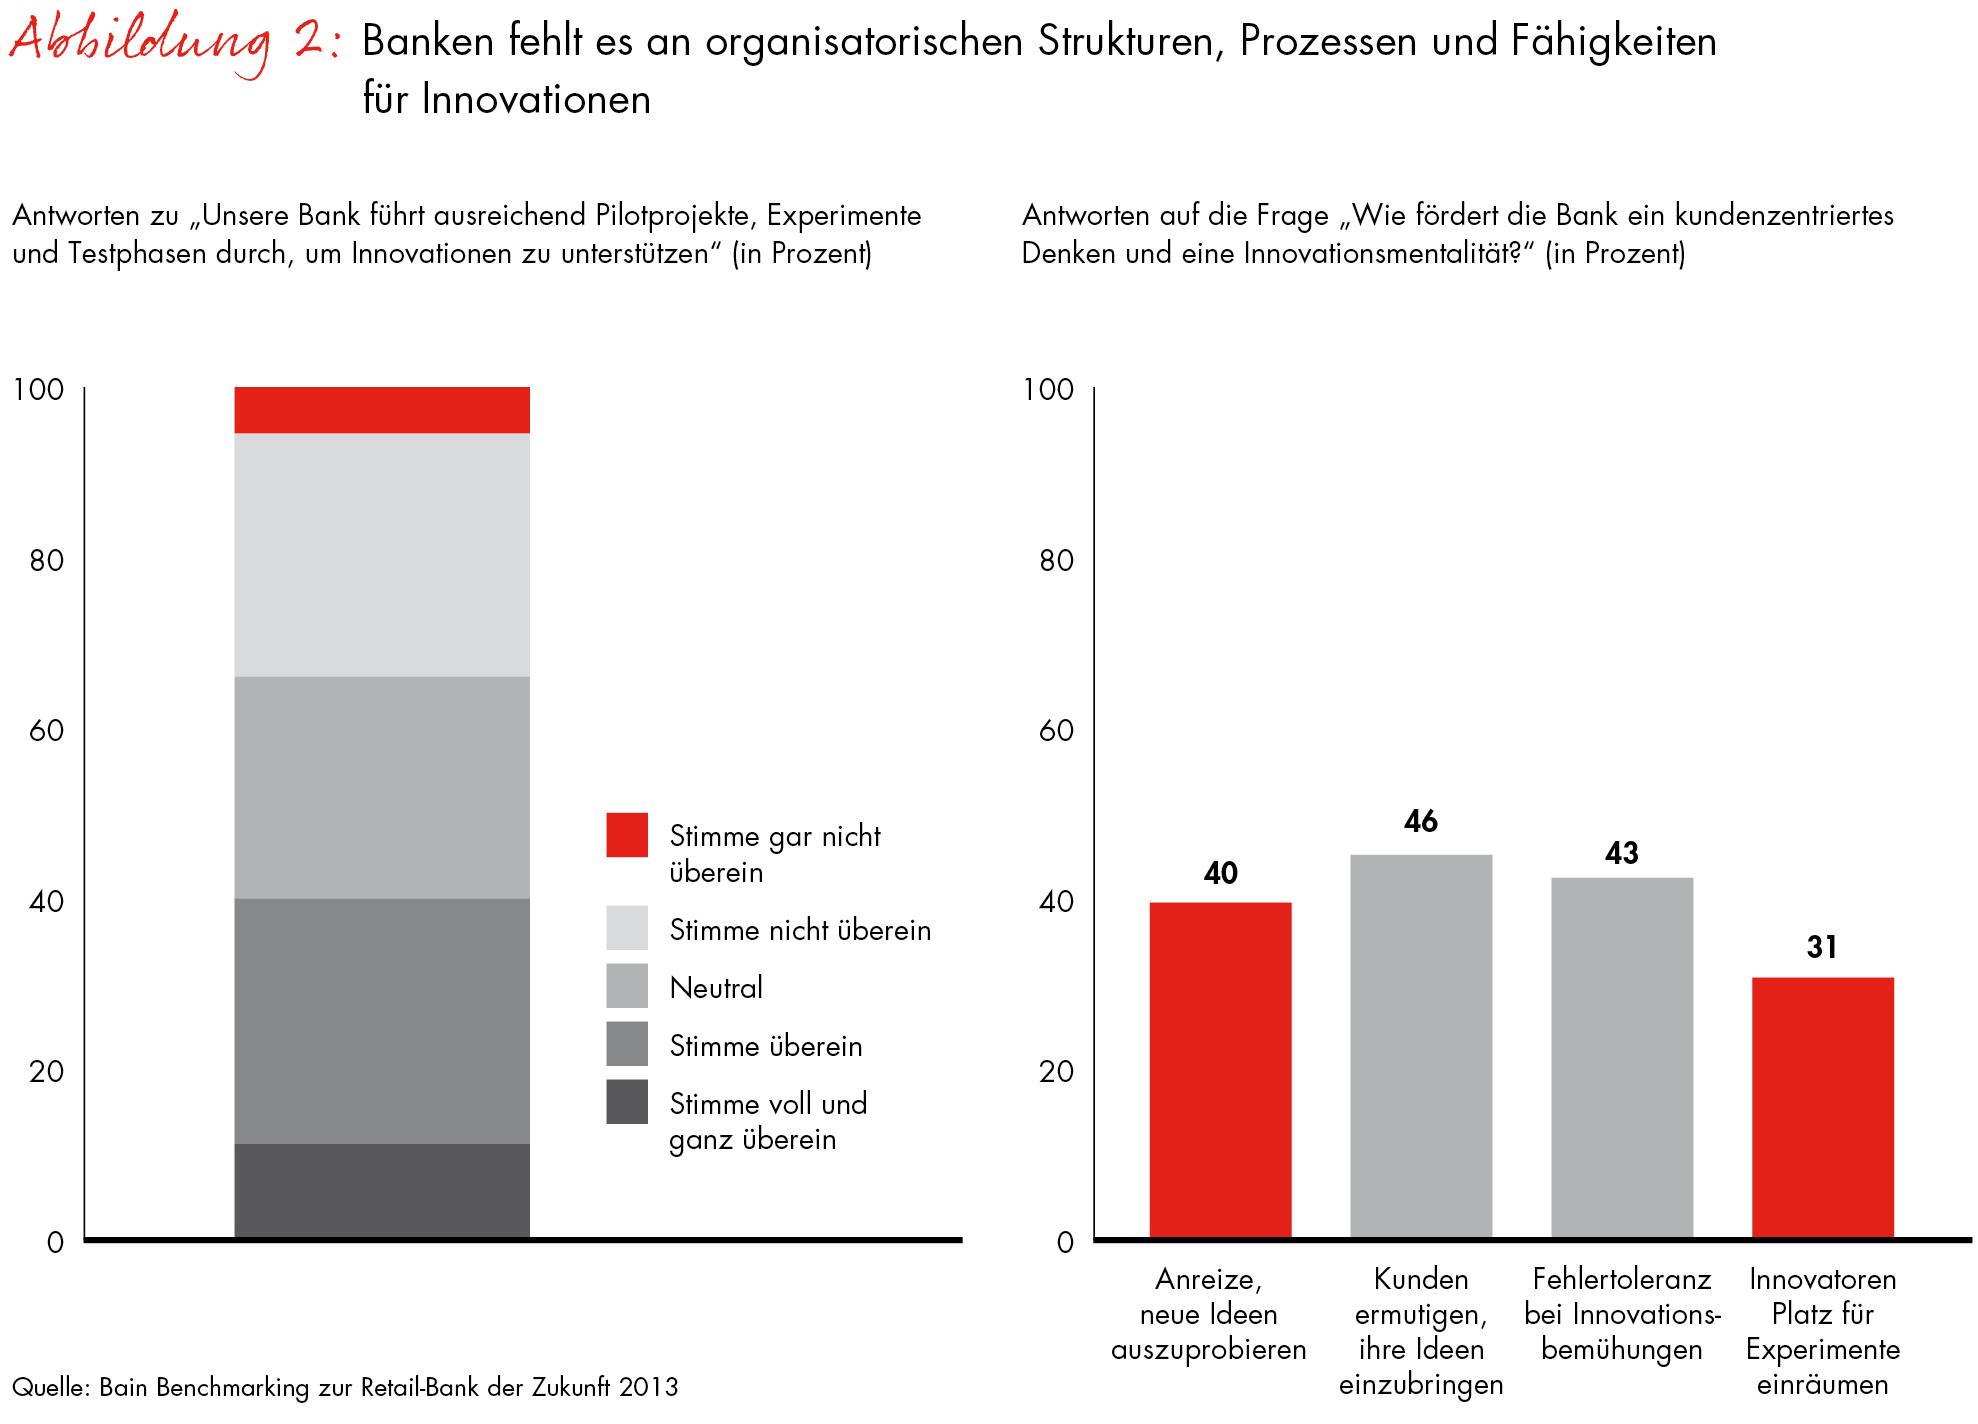 Ausgezeichnet Liste Der Banking Fähigkeiten Zeitgenössisch - Bilder ...